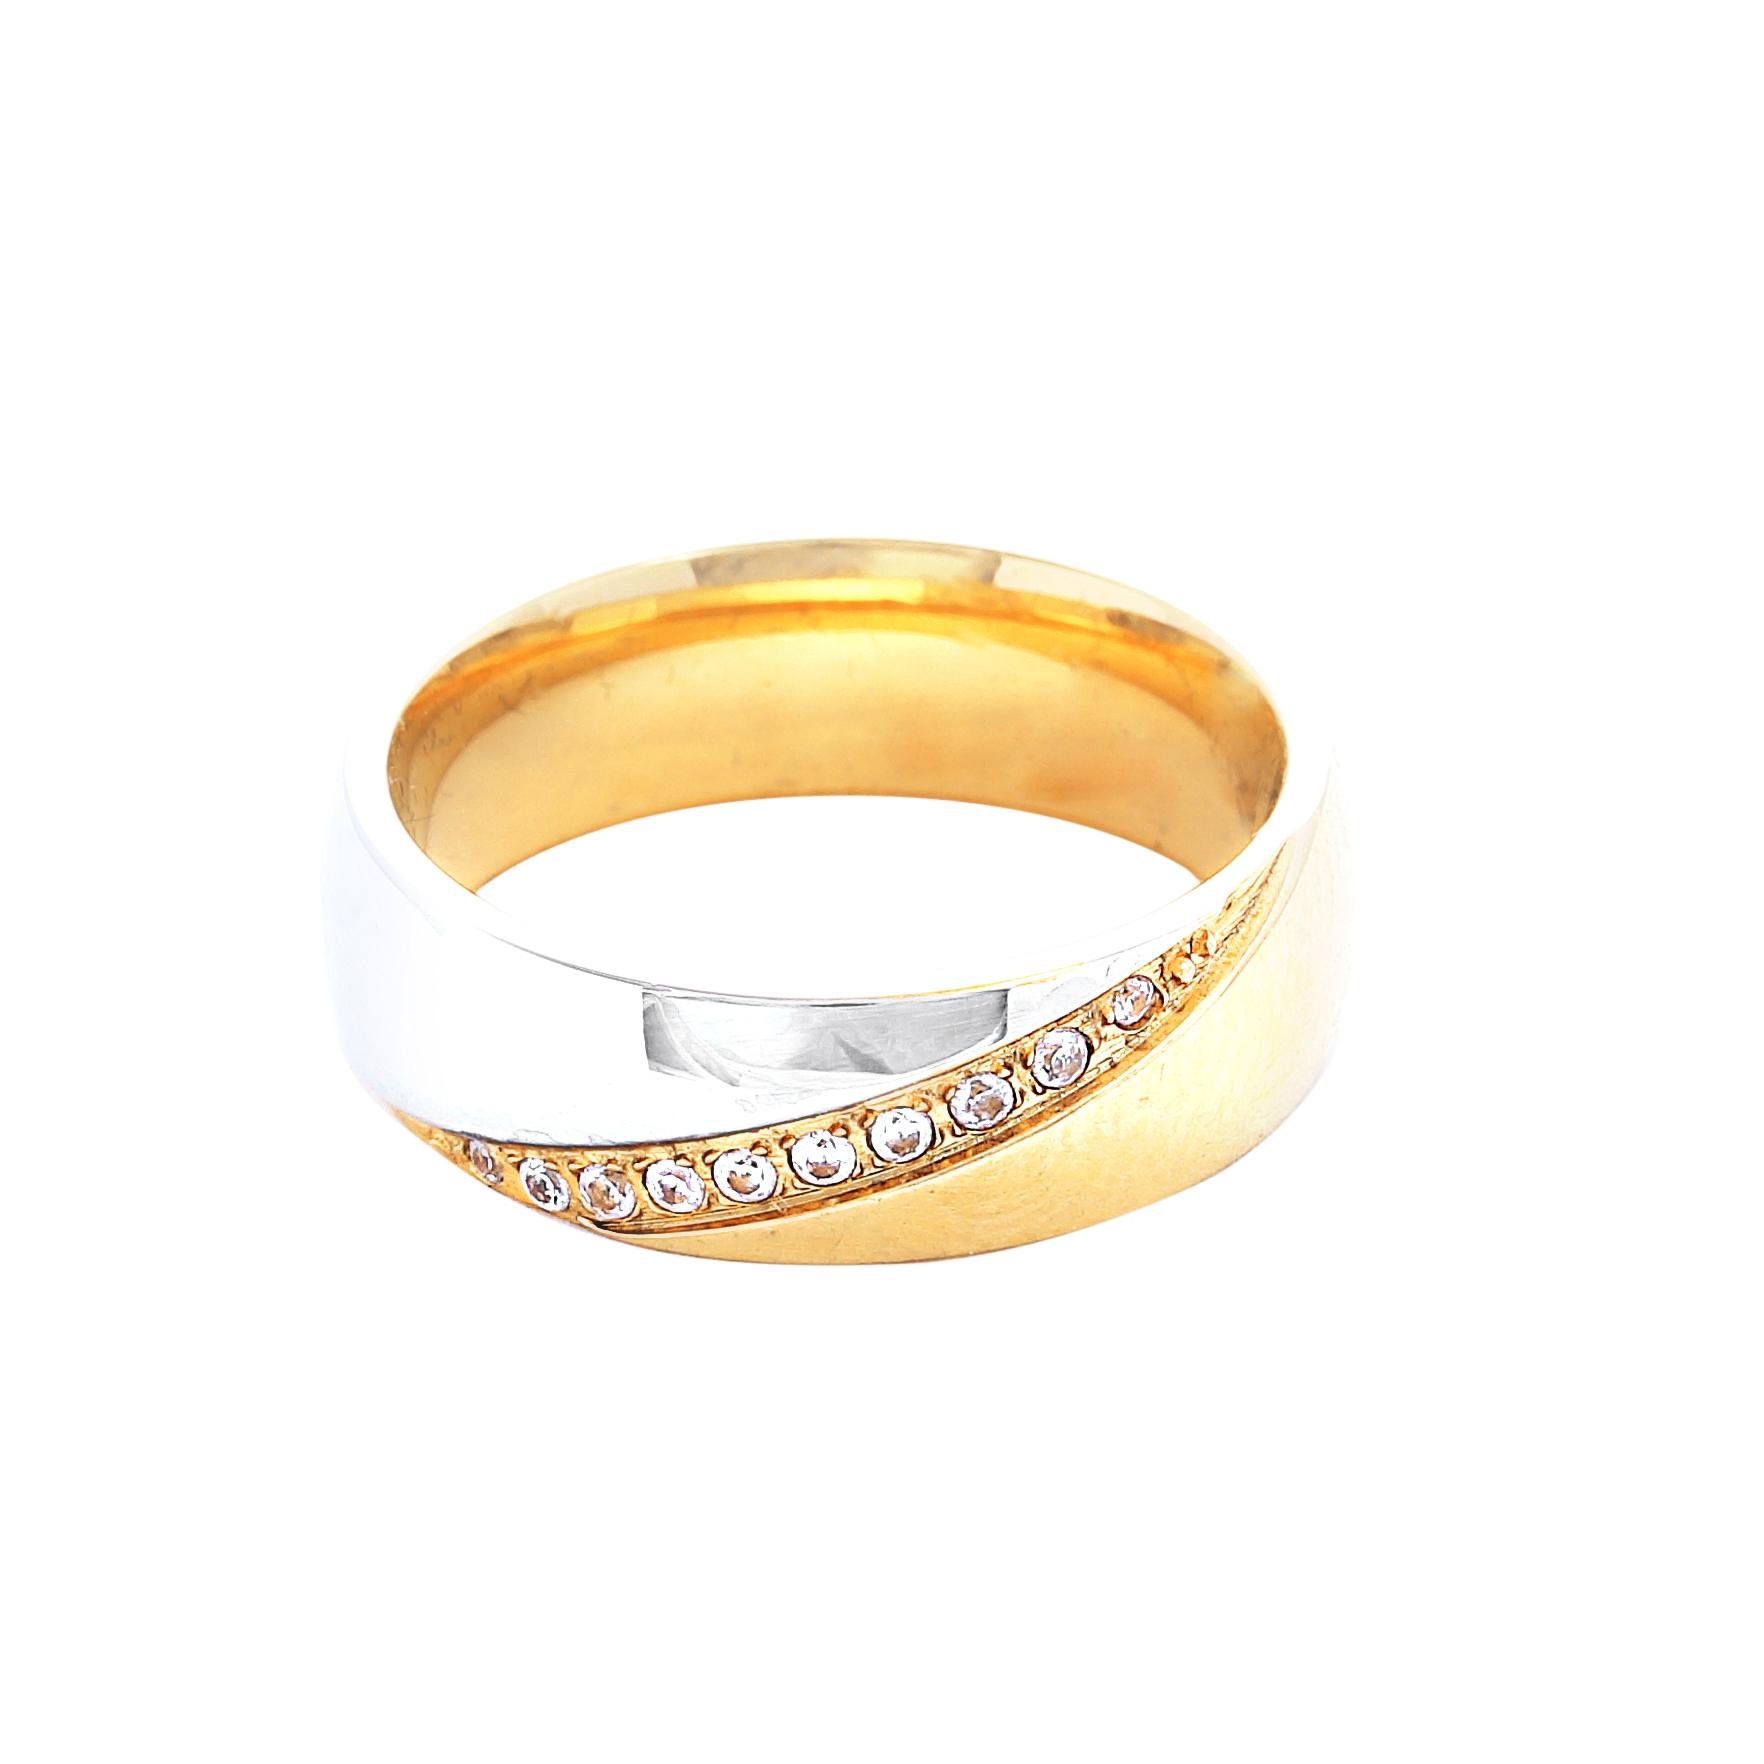 Дамска златна сватбена халка с диагонален декоративен елемент от бяло злато, инкрустирана с диаманти.